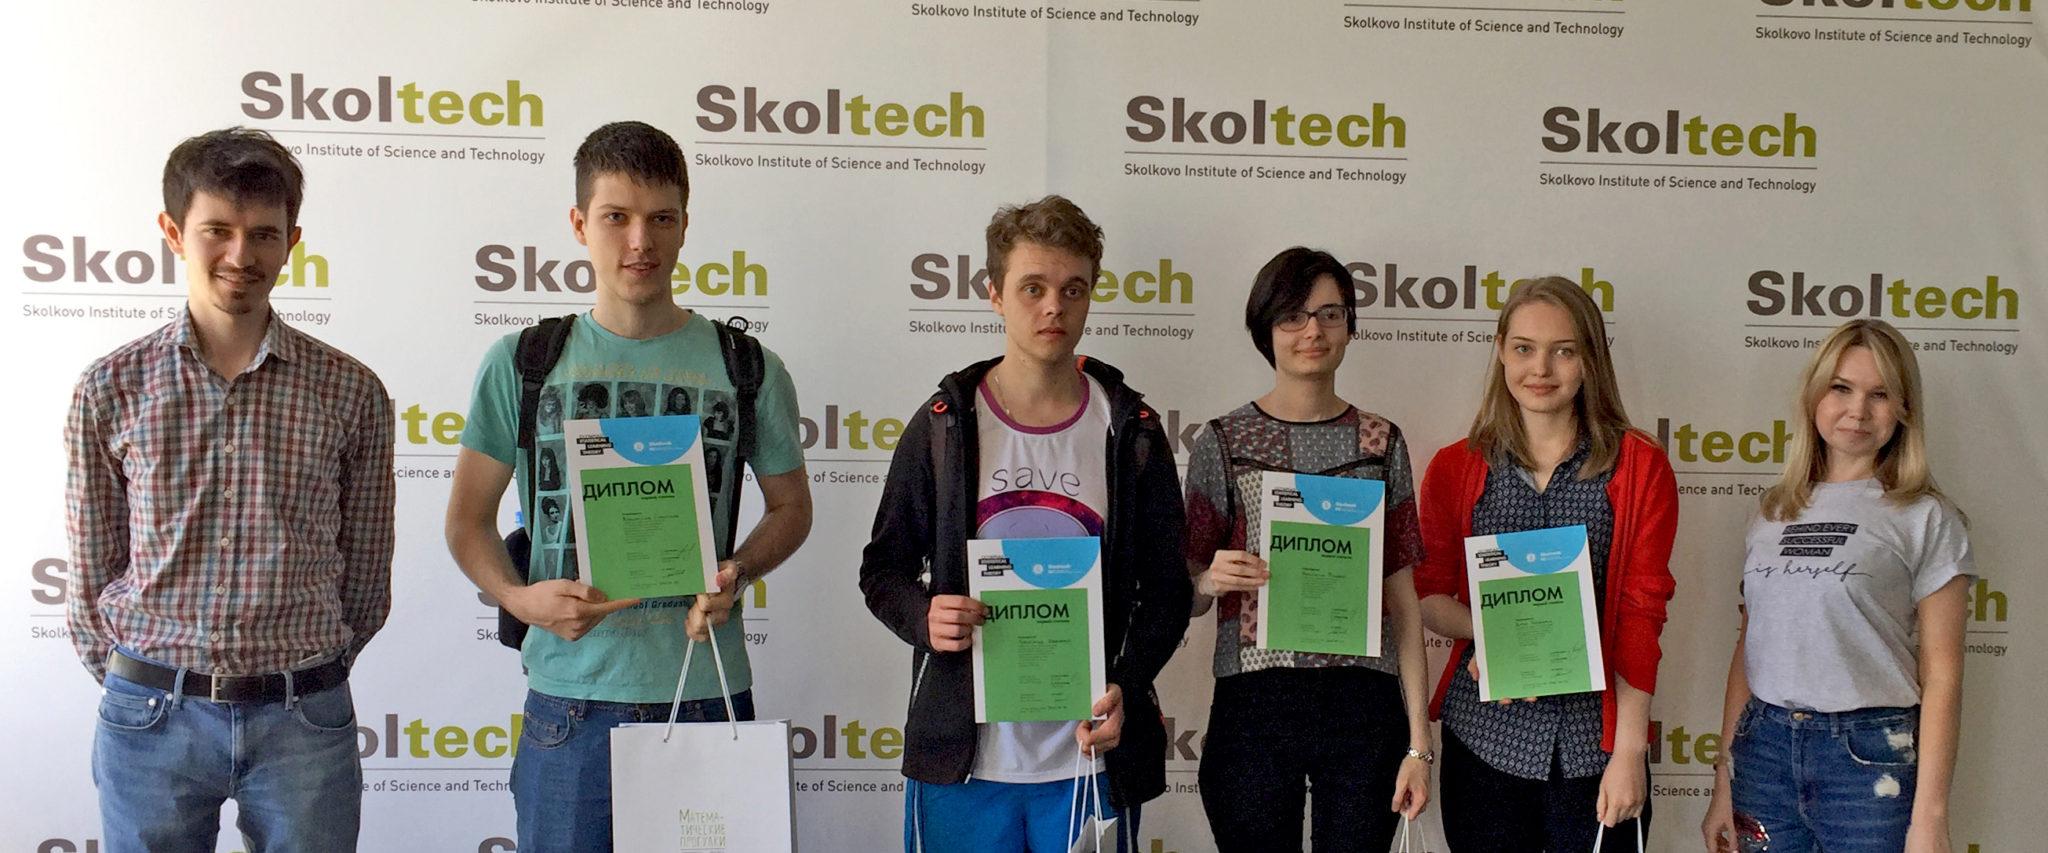 Вручение дипломов победителям студенческой олимпиады «Статистическая теория обучения», организованной совместно Сколтехом и ВШЭ